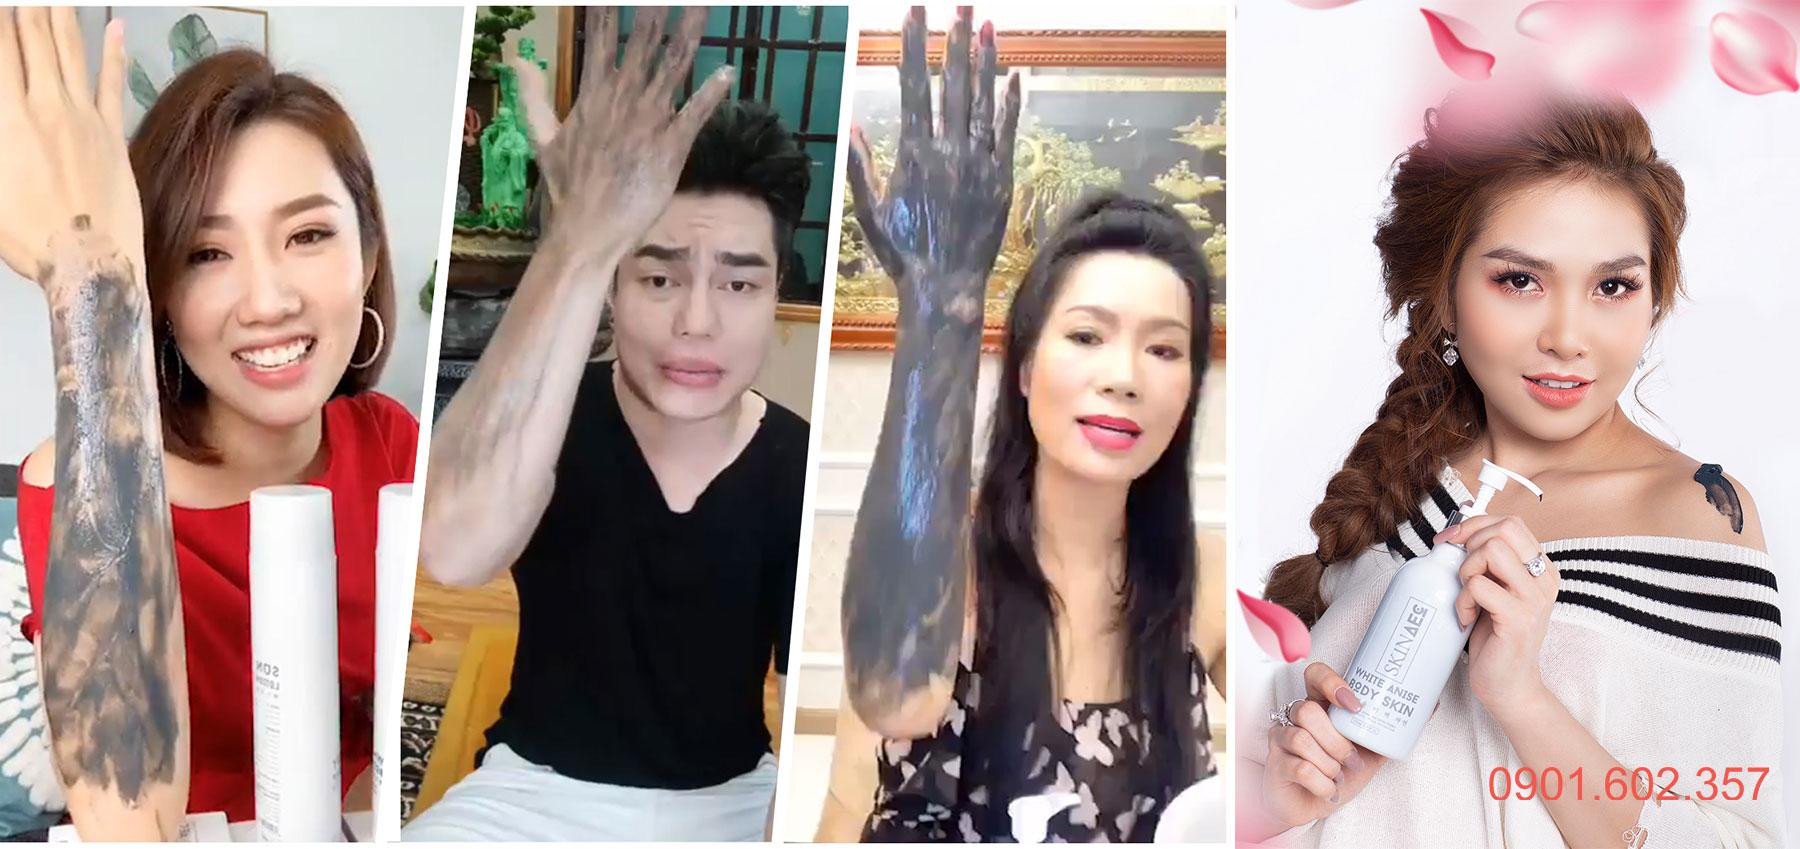 Skin AEC được nhiều hàng ngàn khách hàng vànghệ sĩ Việttin dùng, review đánh giá cao về chất lượng